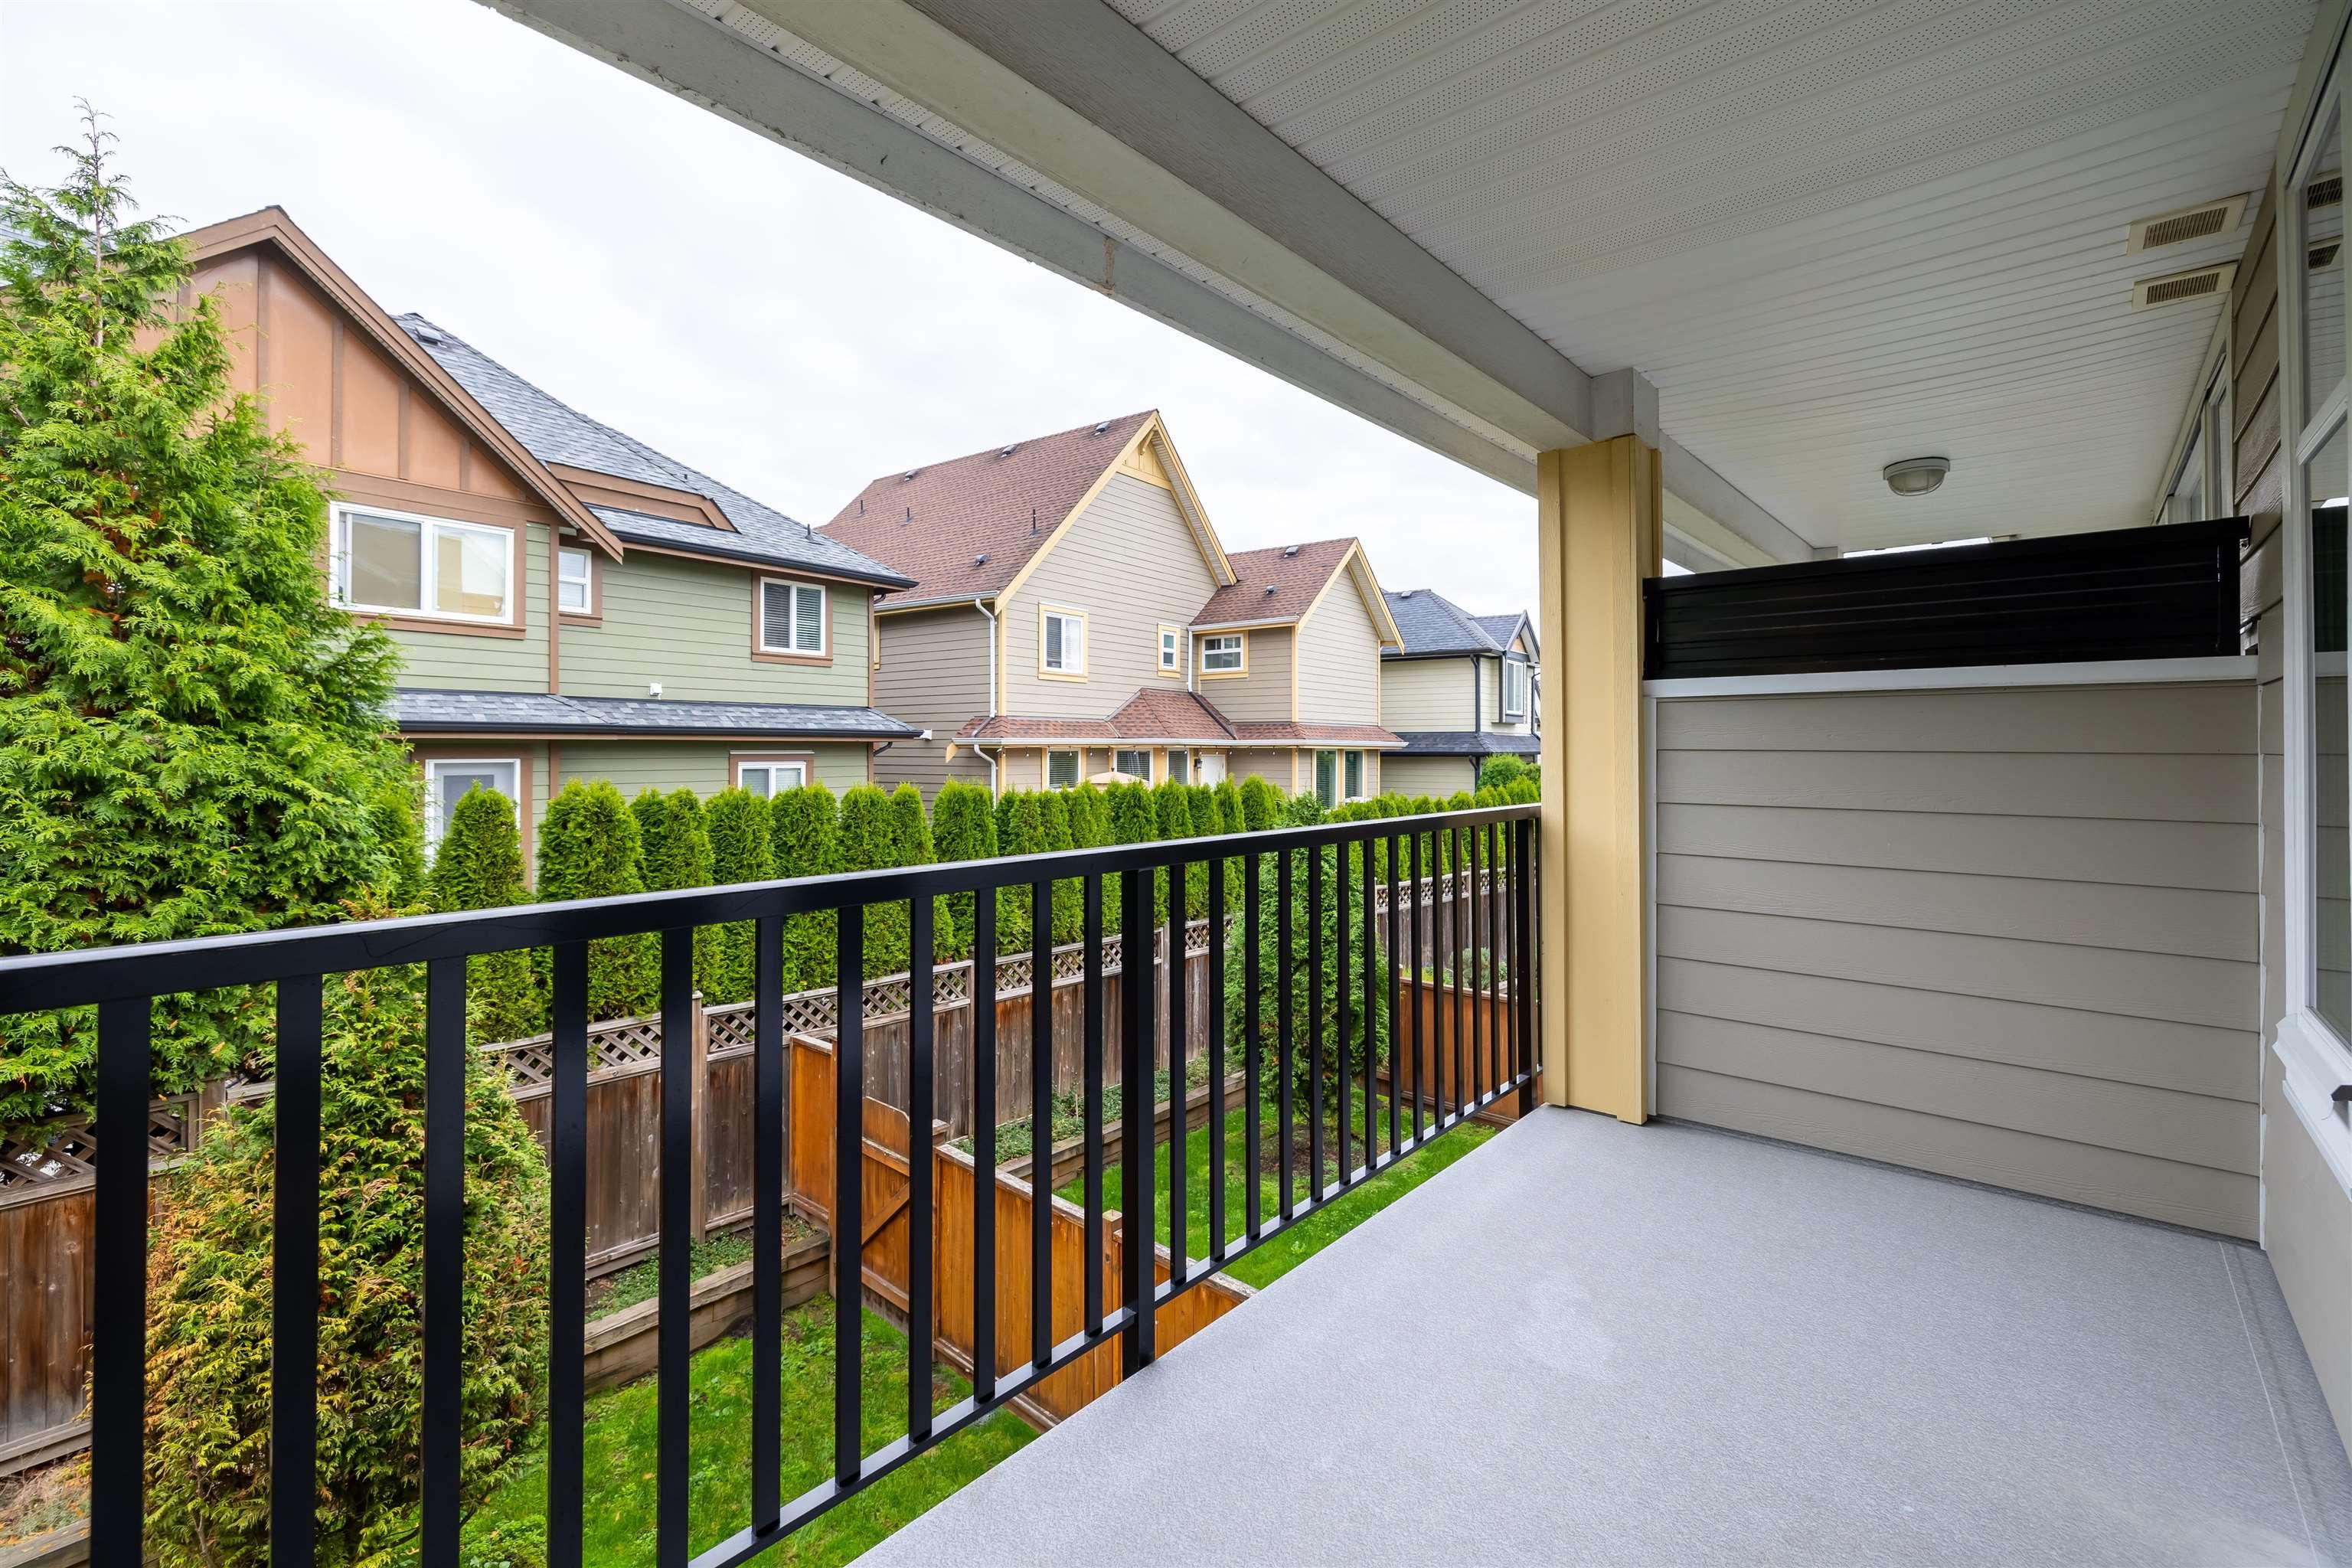 29 17171 2B AVENUE - Pacific Douglas Townhouse for sale, 3 Bedrooms (R2625037) - #35